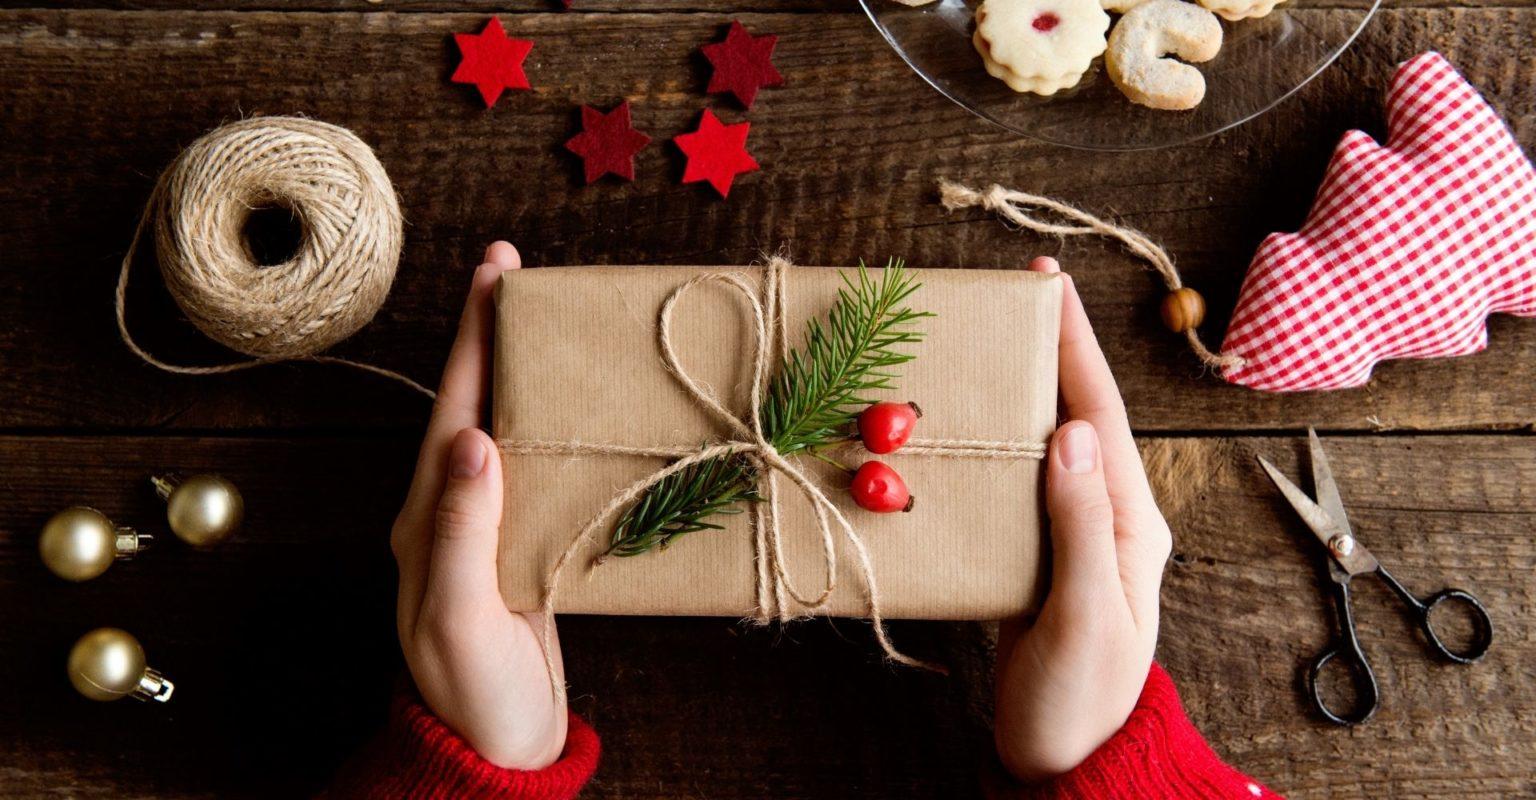 Chcesz kupić prezent na ostatnią chwilę? Tu znajdziesz 50 pomysłów.